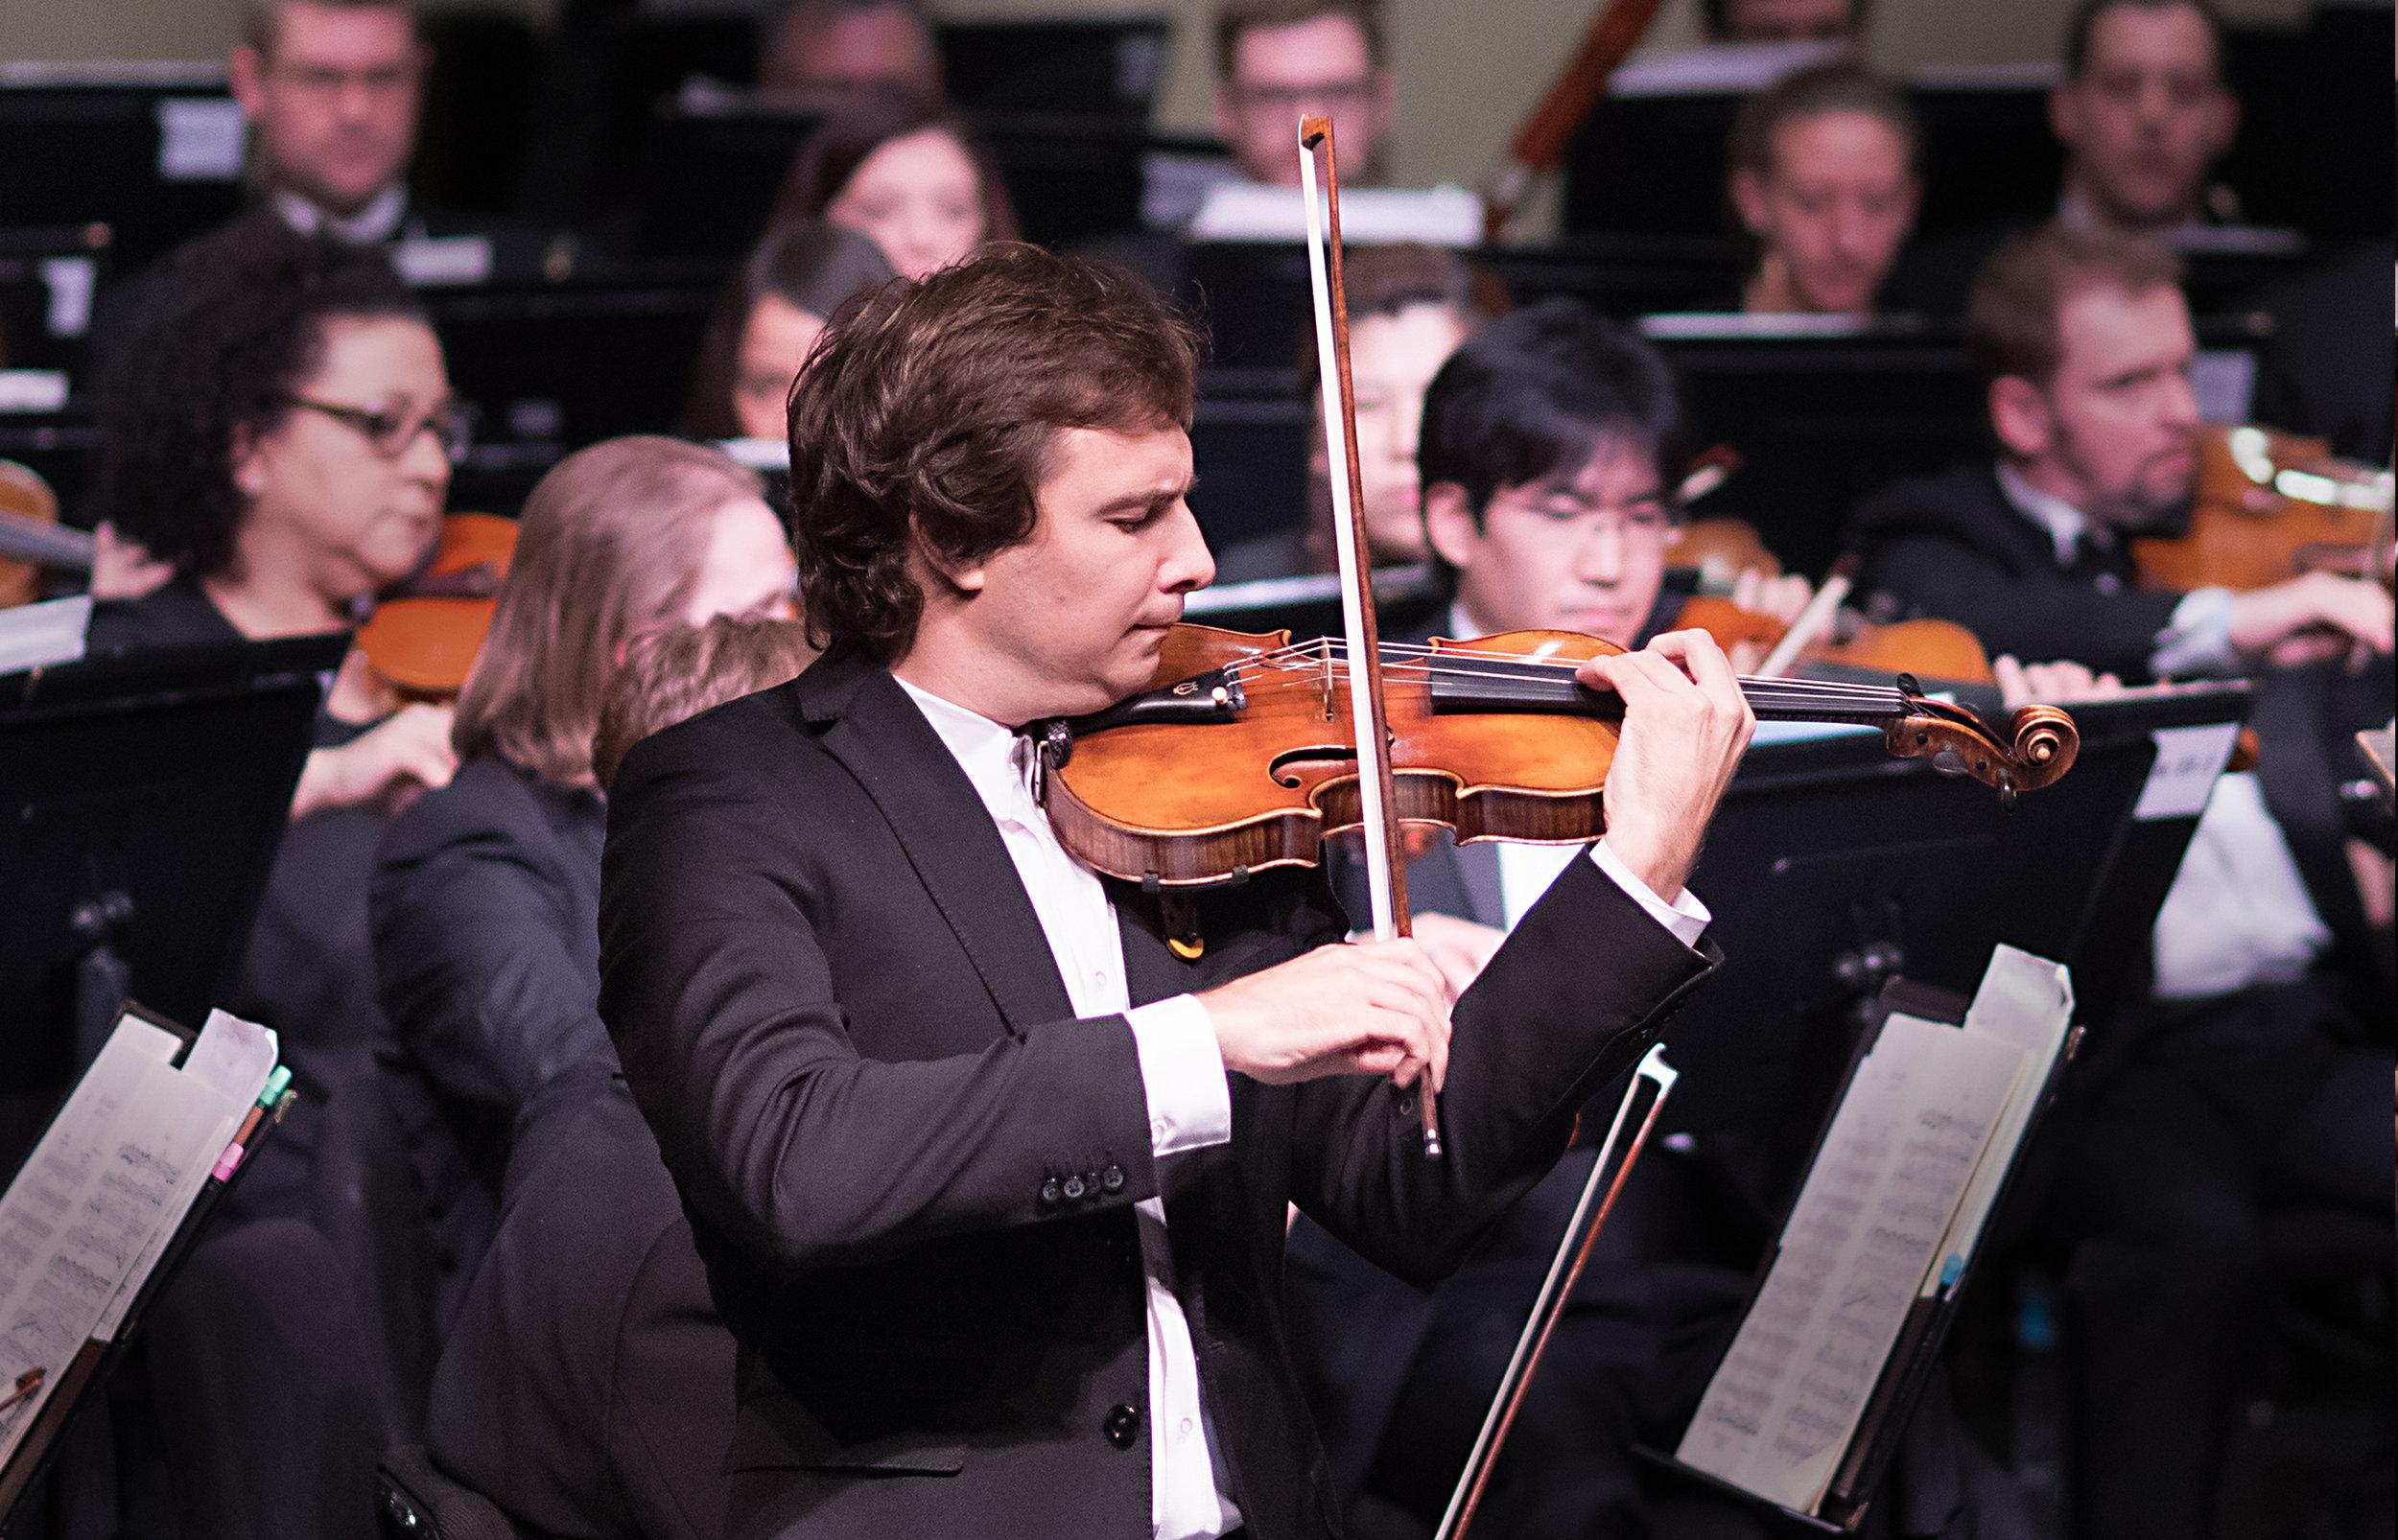 Oleg Larshin, guest artist